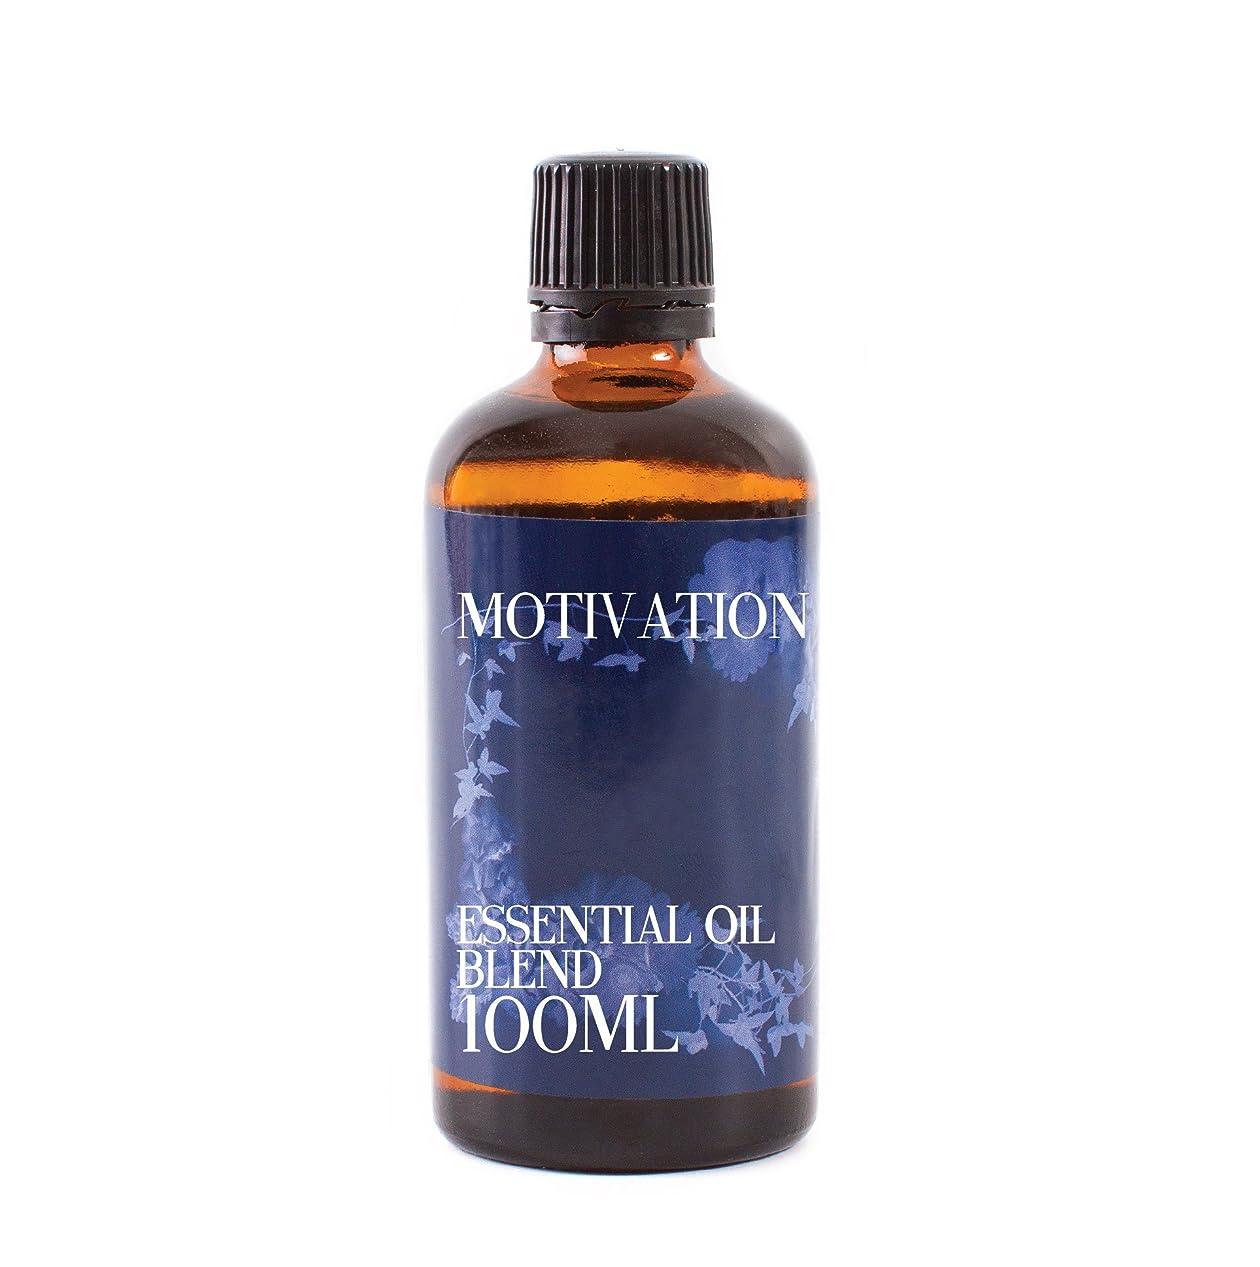 シャンパンレオナルドダ細心のMystix London | Motivation Essential Oil Blend - 100ml - 100% Pure